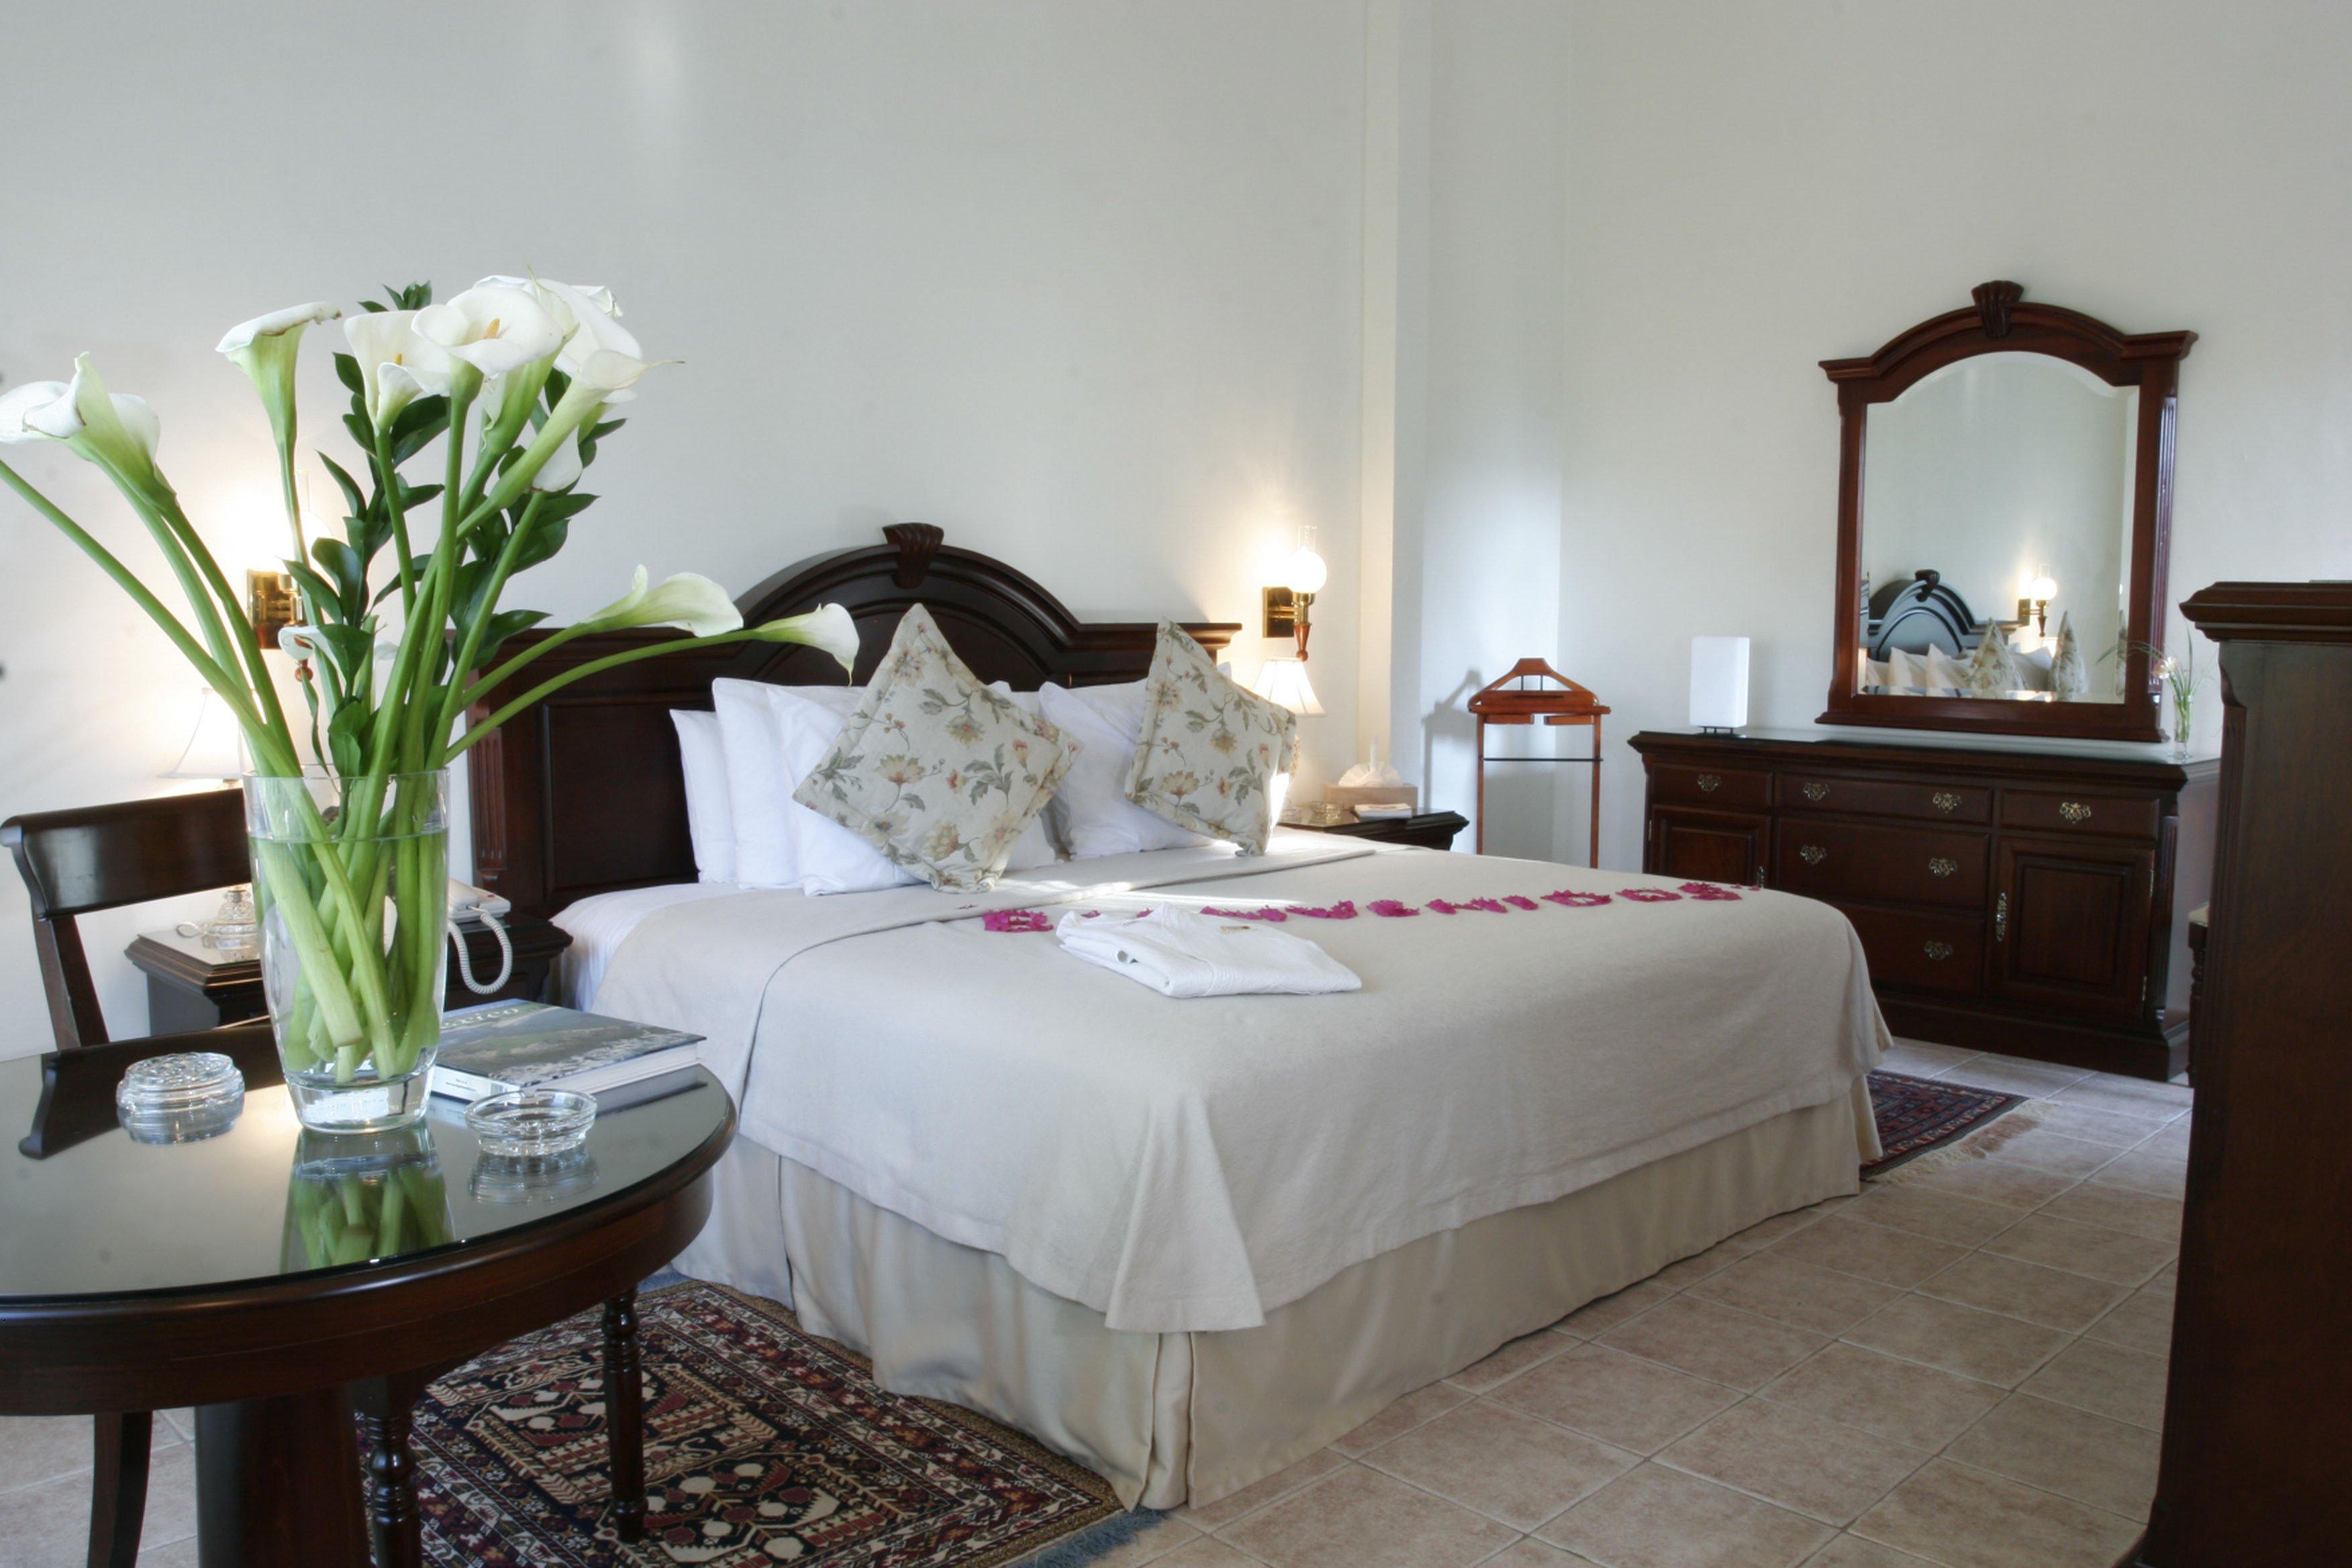 Hotel Hacienda Los Laureles - Spa, Oaxaca, Mexico 9